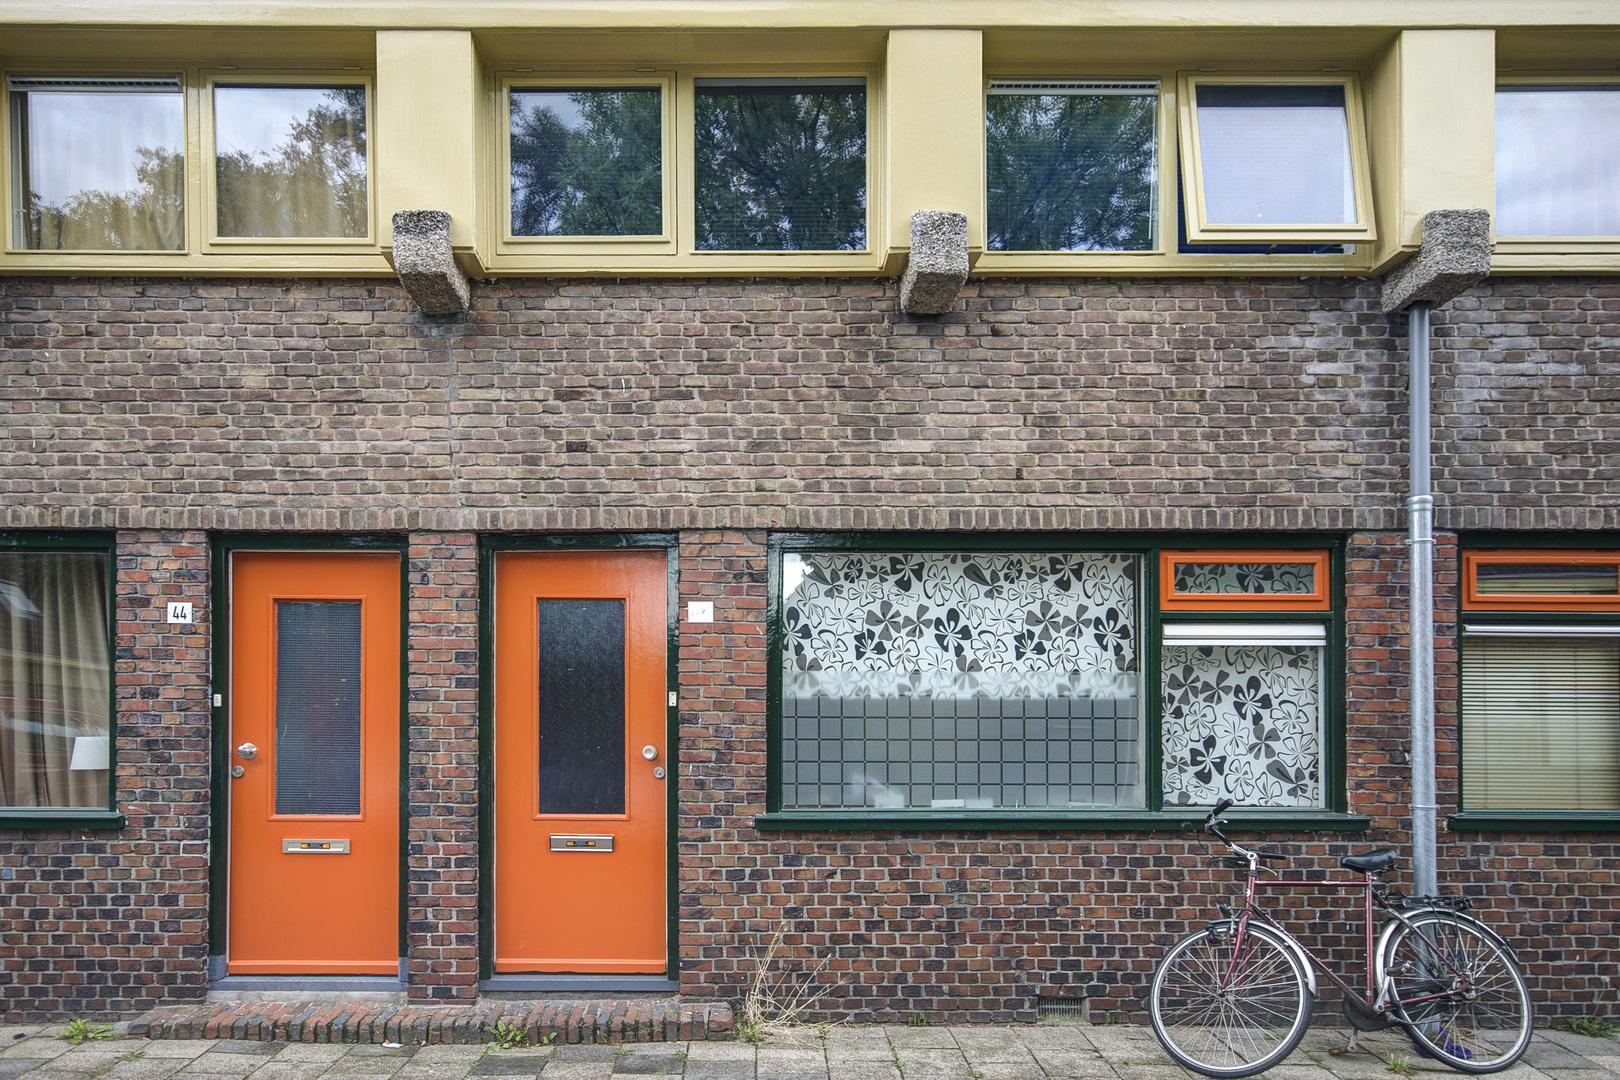 Groningen (Oosterparkbuurt) - Zonnebloemstraat - 02